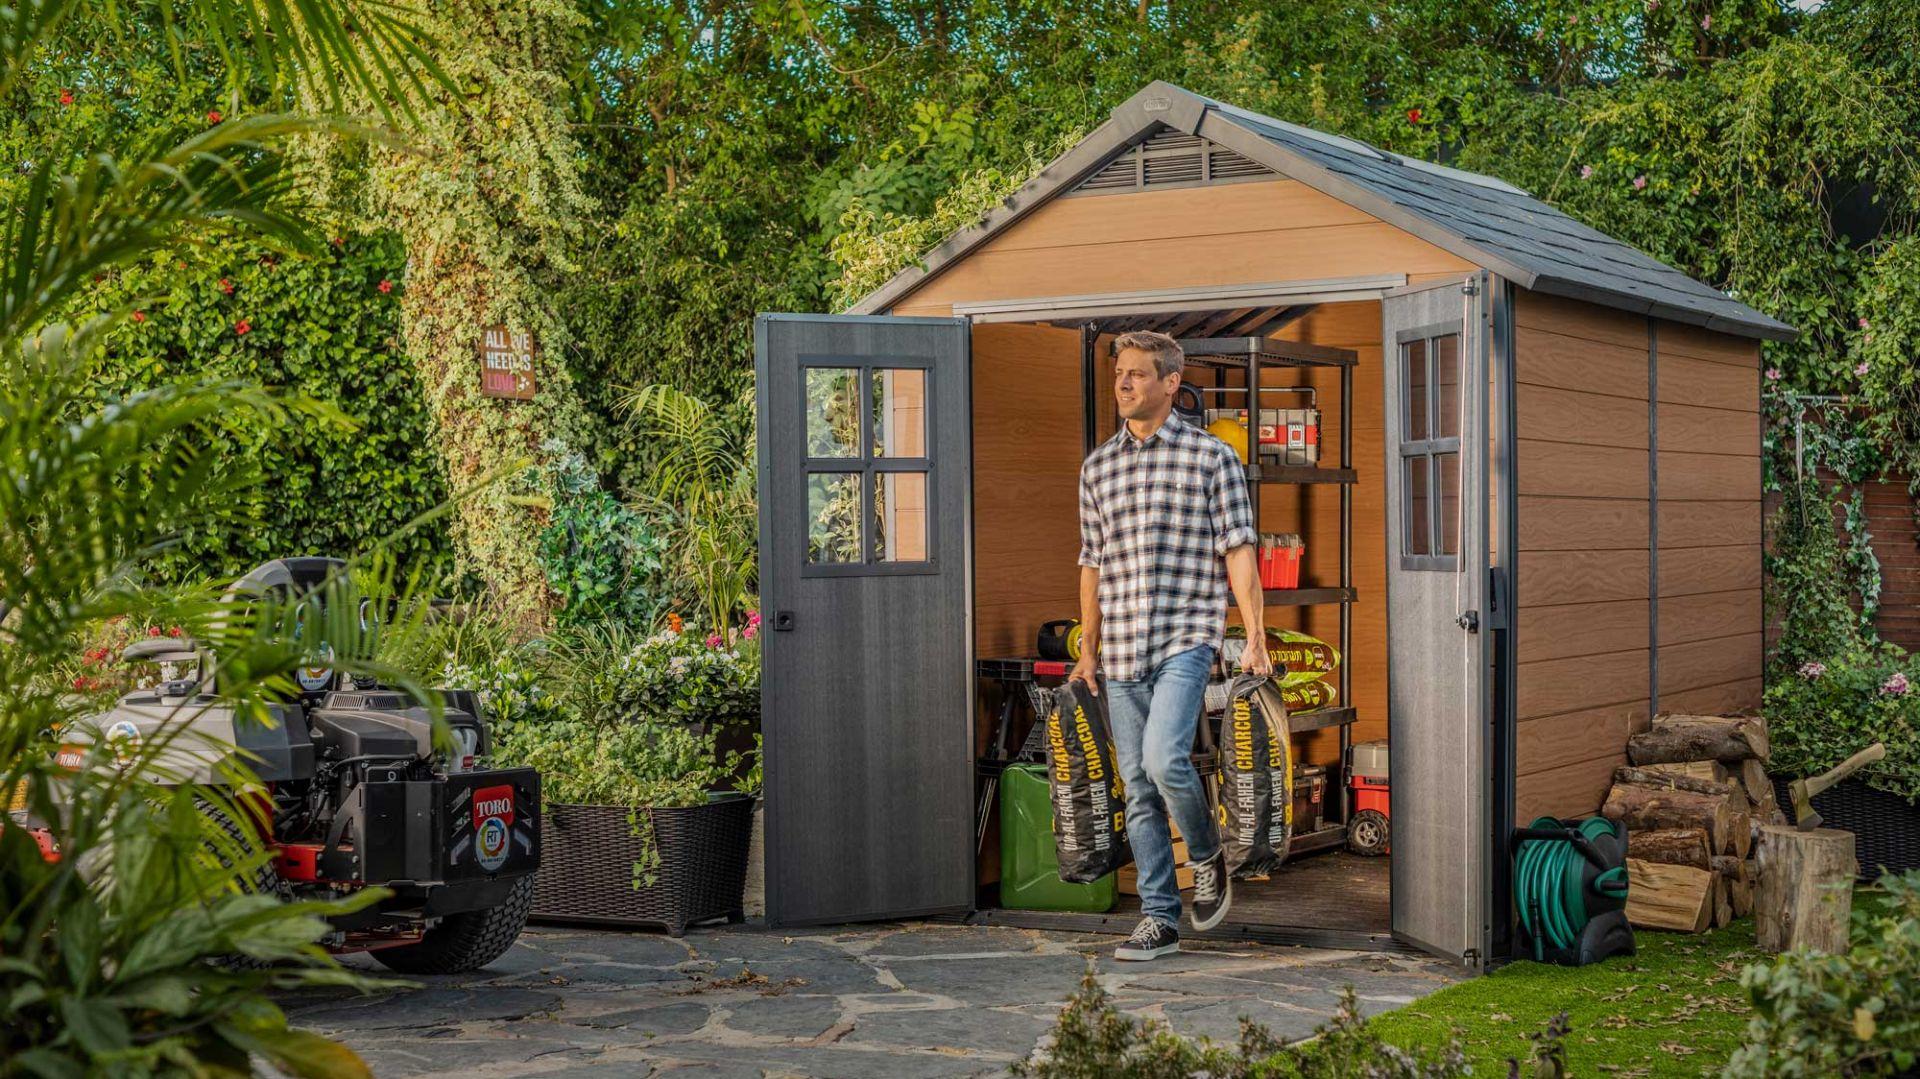 Domek ogrodowy przyda się maksterkowiczom, ogrodnikom i wszystkim, którzy lubią mieć porządek dokoła swojego domu. Fot. Keter